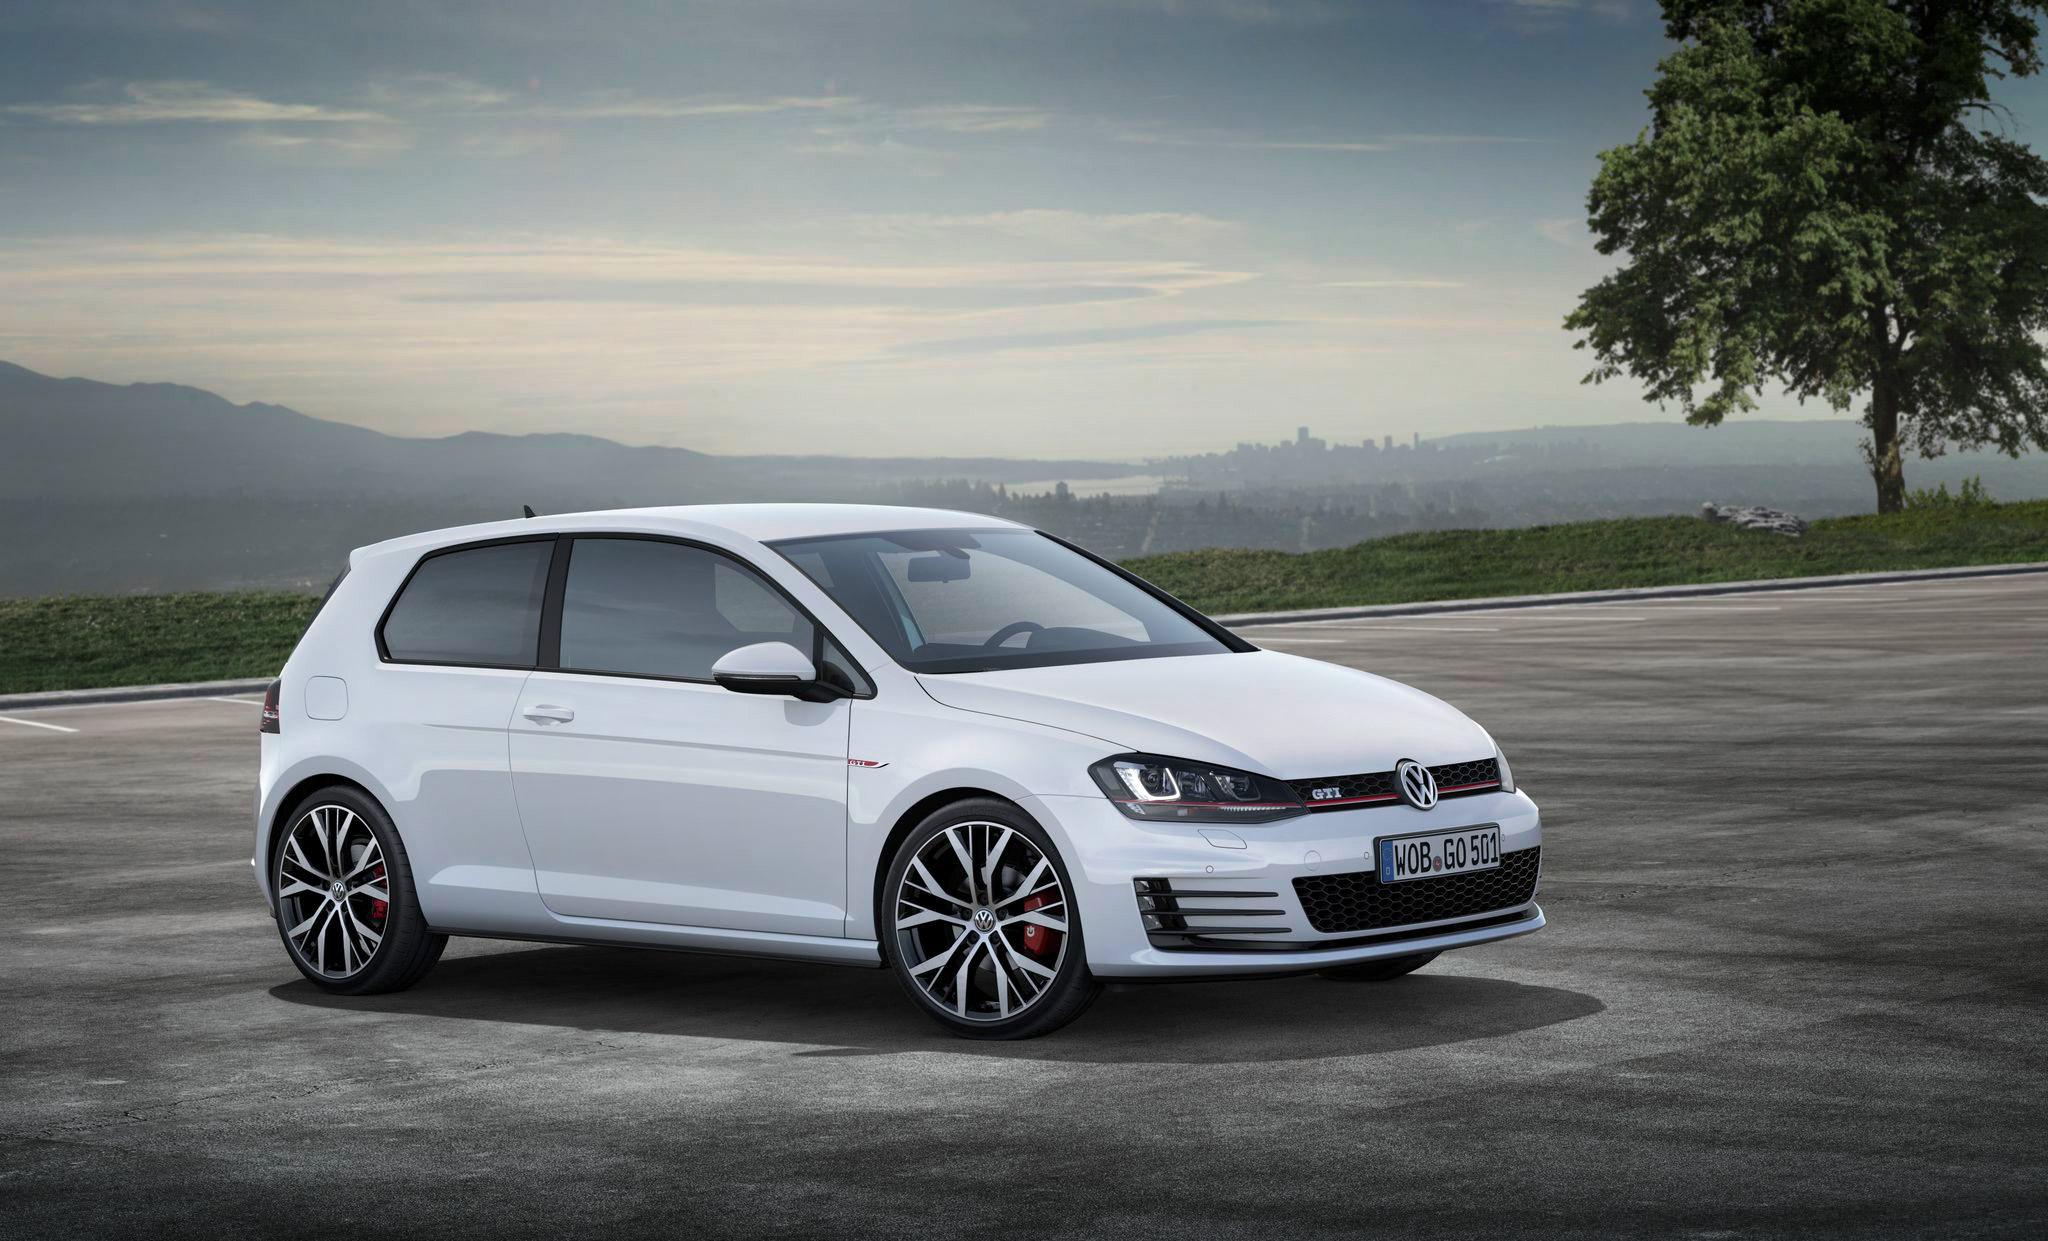 1000  ideas about Golf 7 on Pinterest | Volkswagen golf 7, Golf r ...